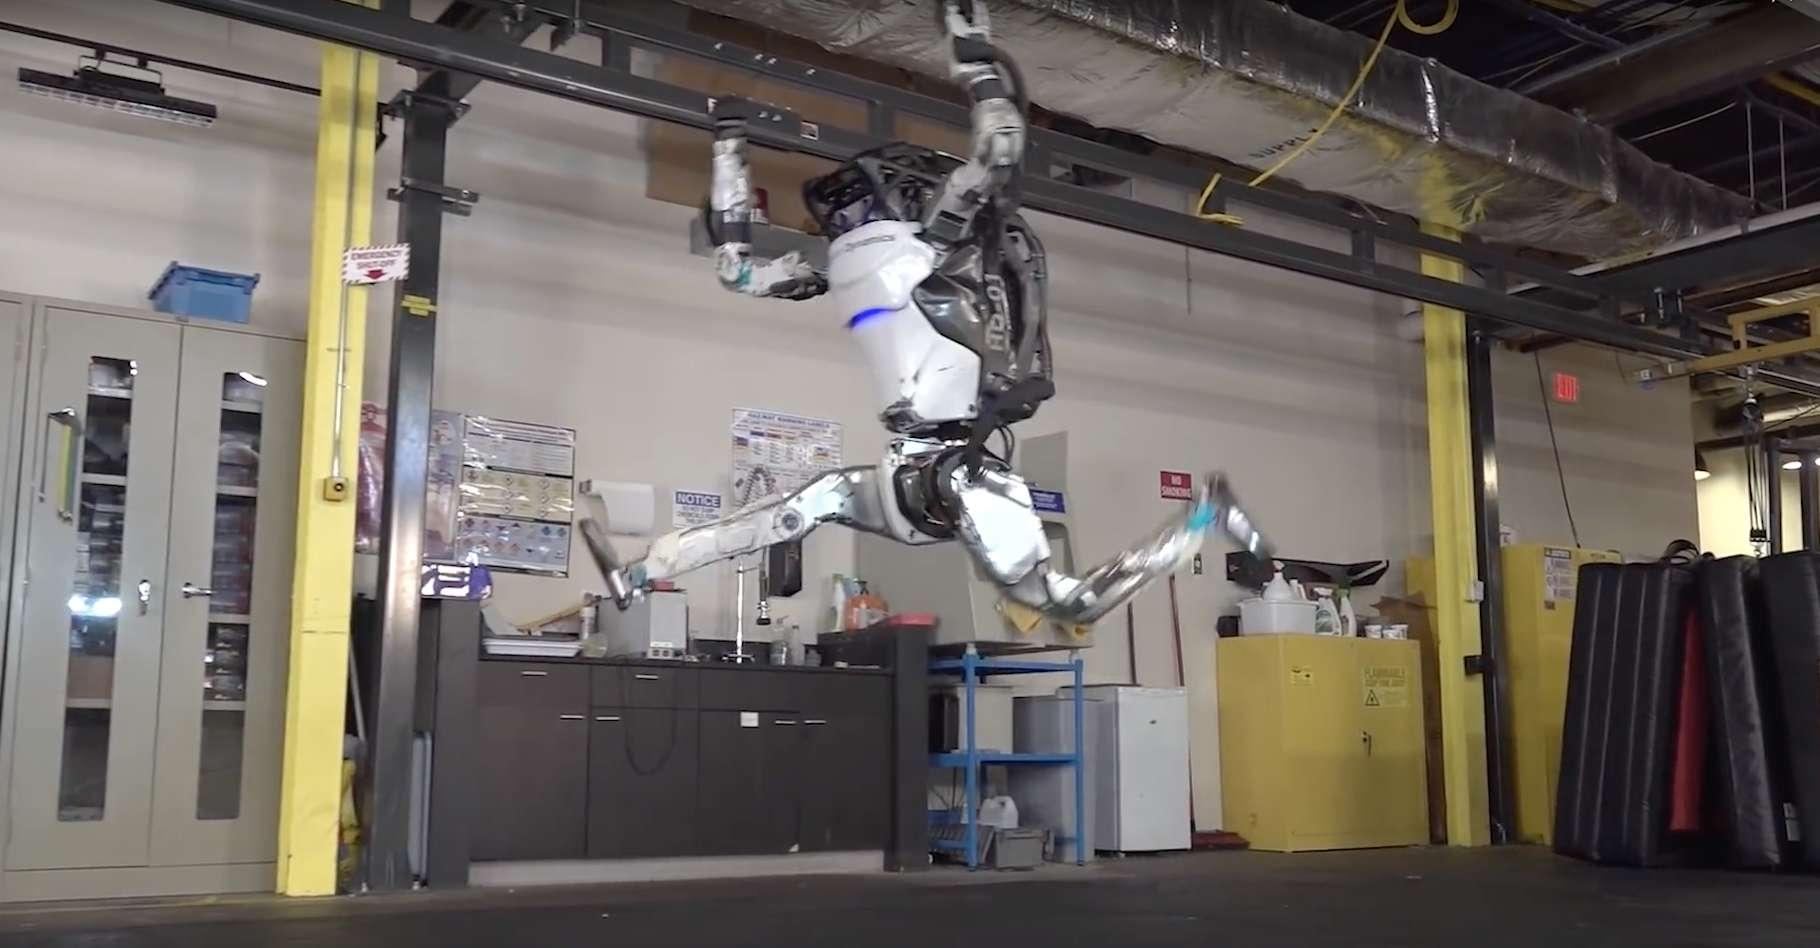 Le robot Atlas de Boston Dynamics est désormais capable d'un enchaînement digne d'un gymnaste. Un enchaînement comportant sauts périlleux, roulades, poiriers et même sauts fendus. © Boston Dynamics, YouTube